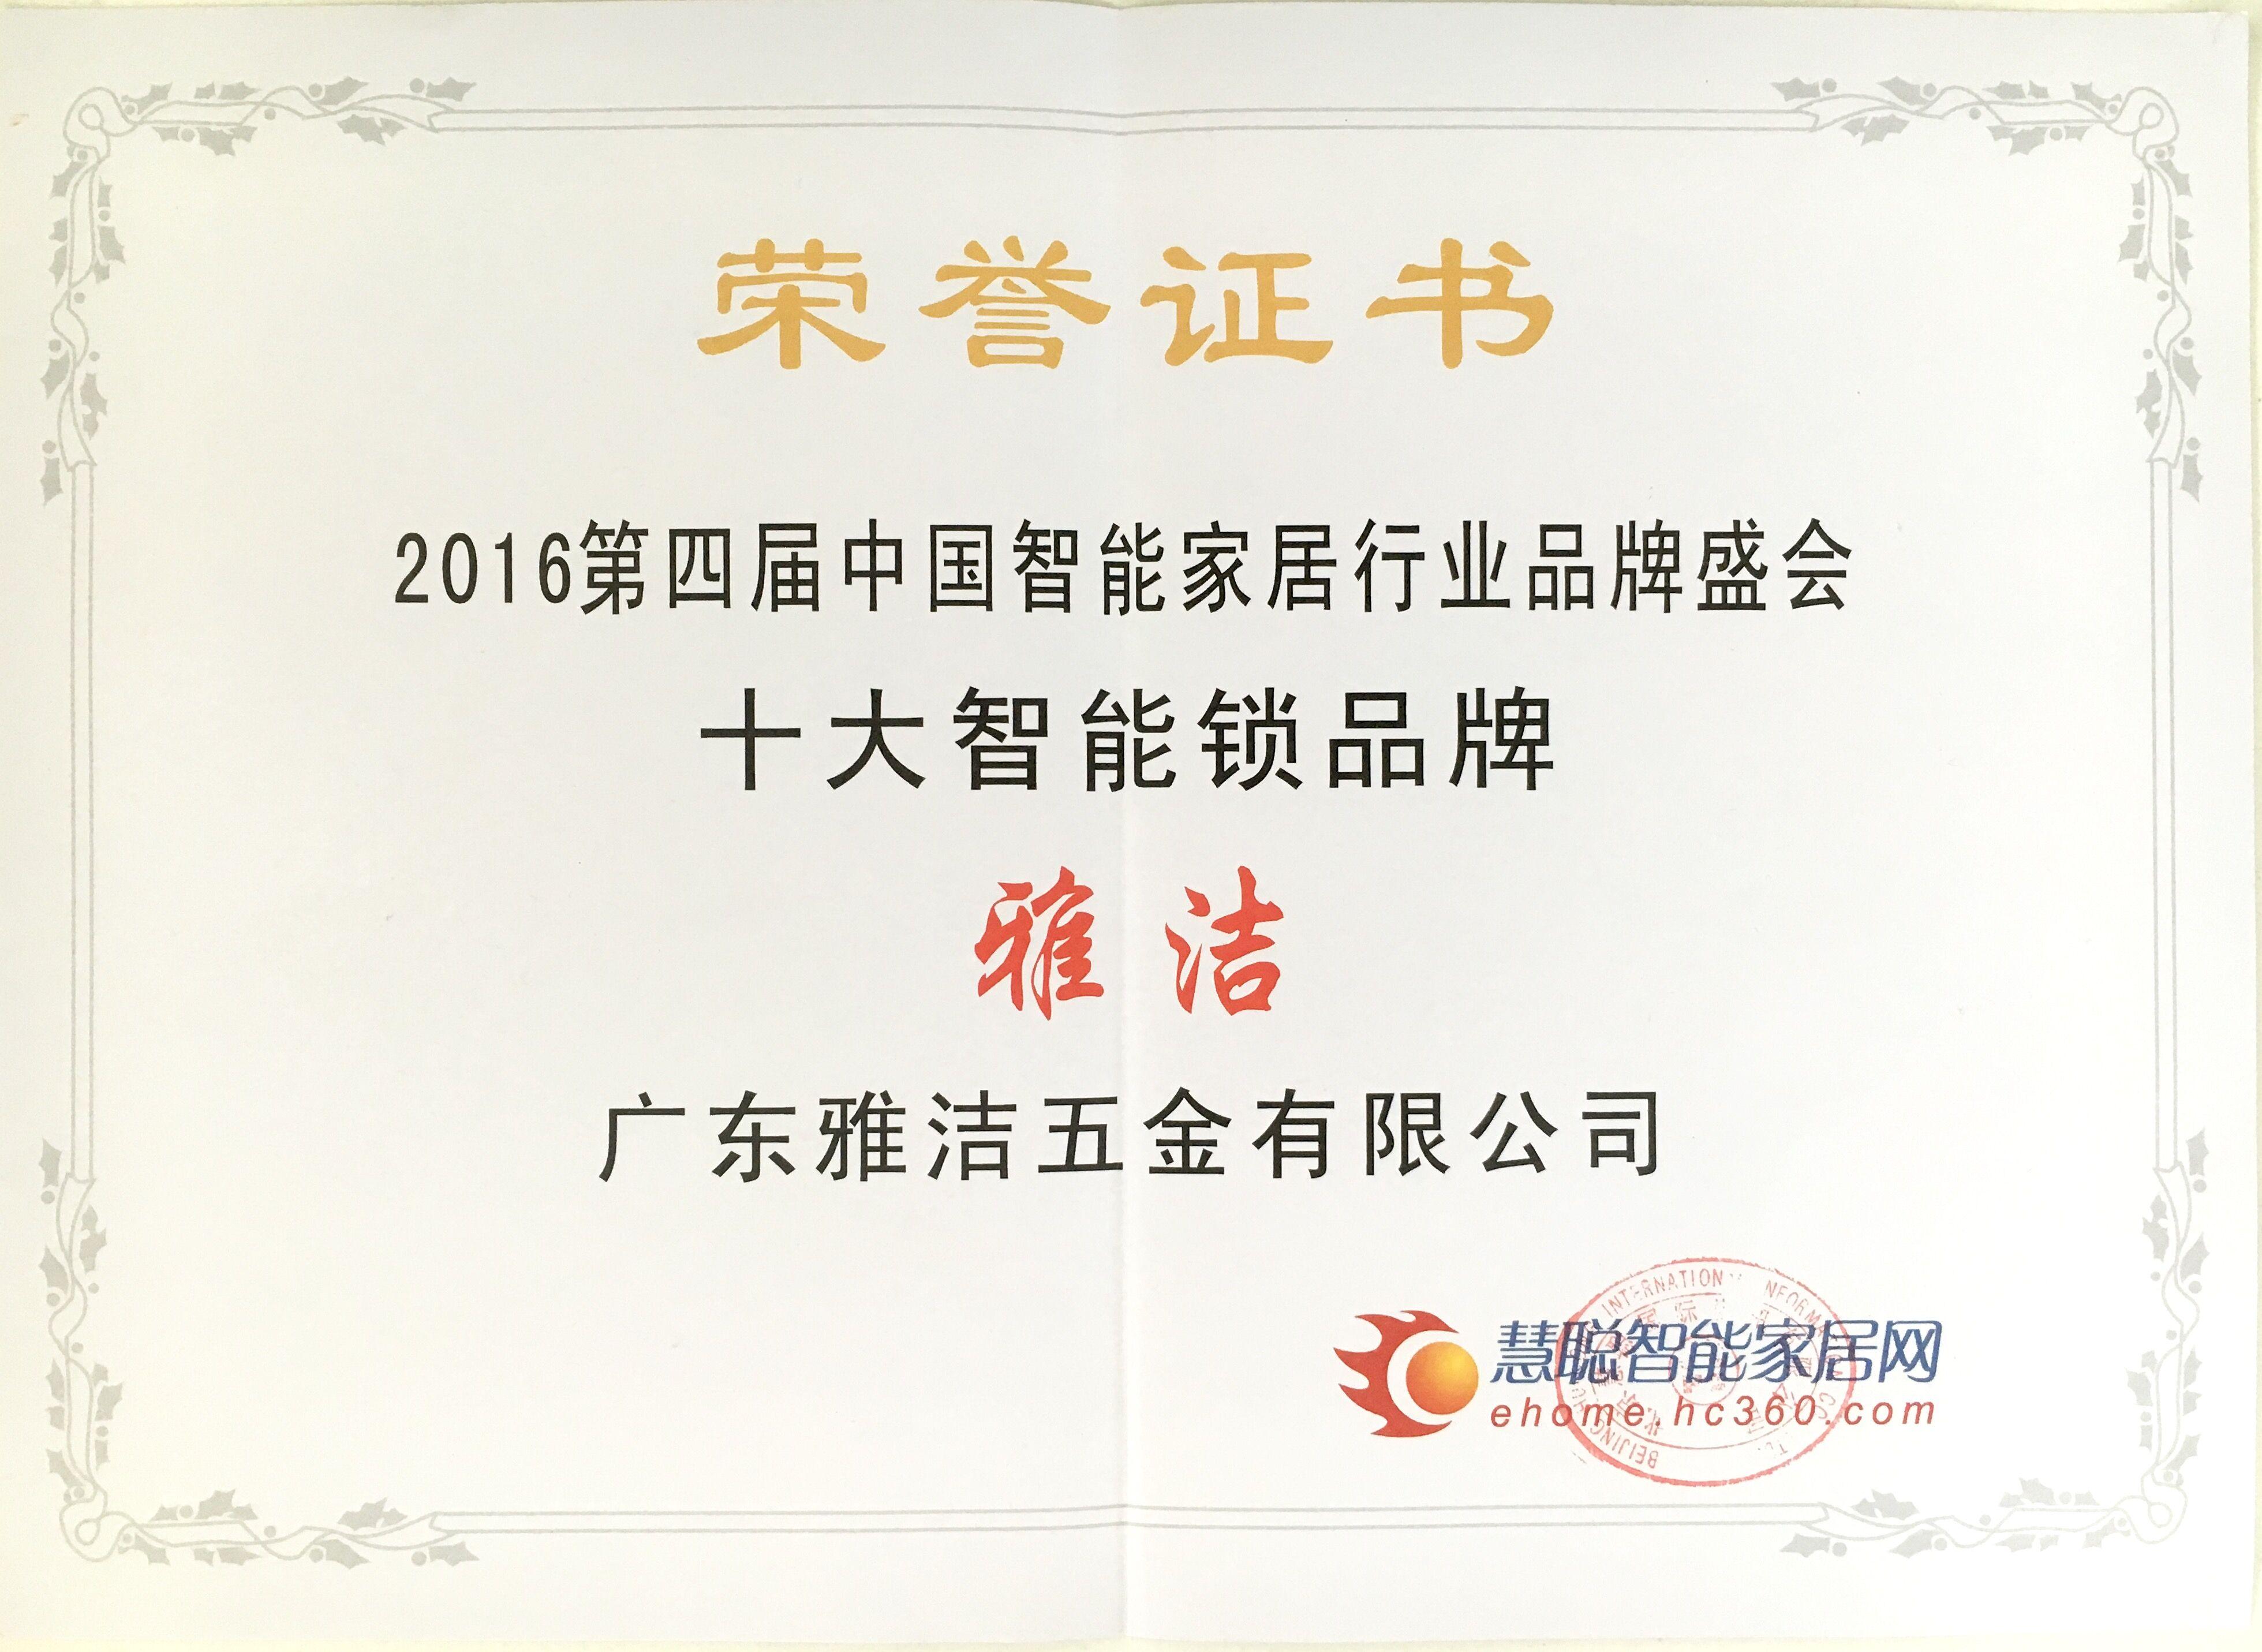 雅洁五金荣获十大智能锁品牌_中国经济网―